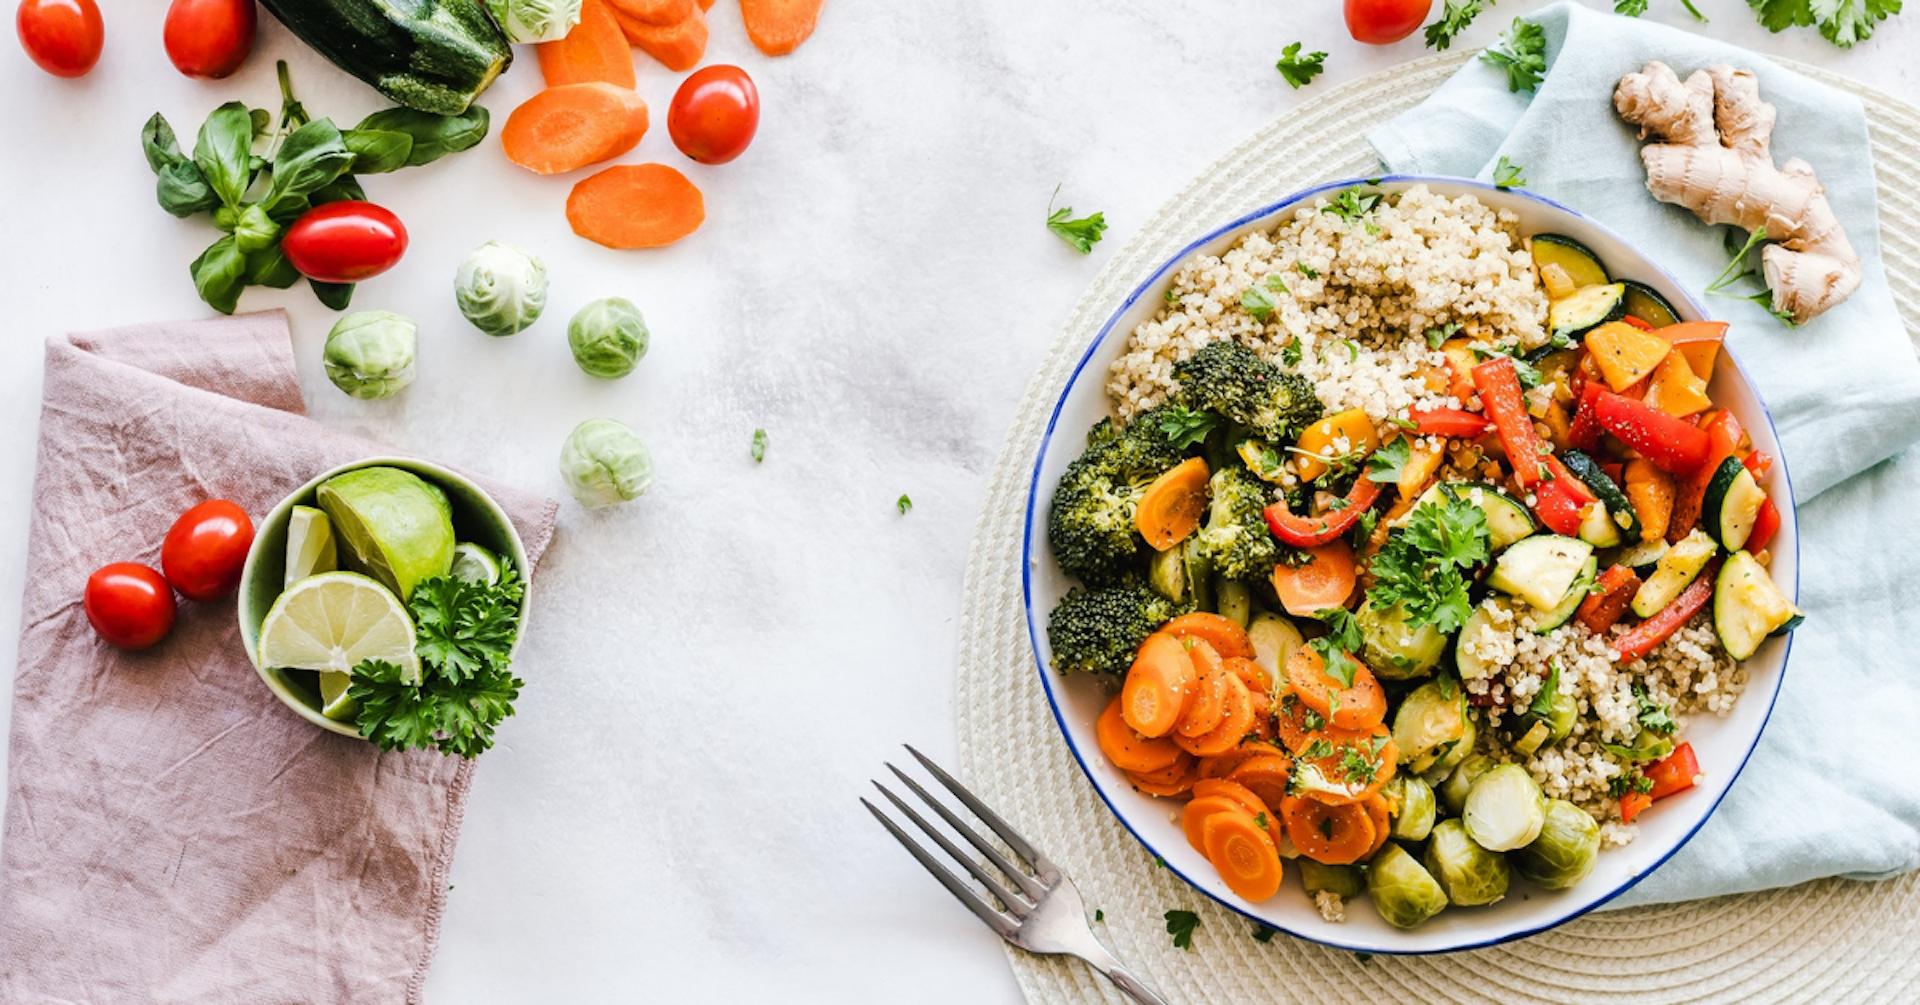 10 recetas vegetarianas fáciles de hacer que mejorarán tu calidad de vida